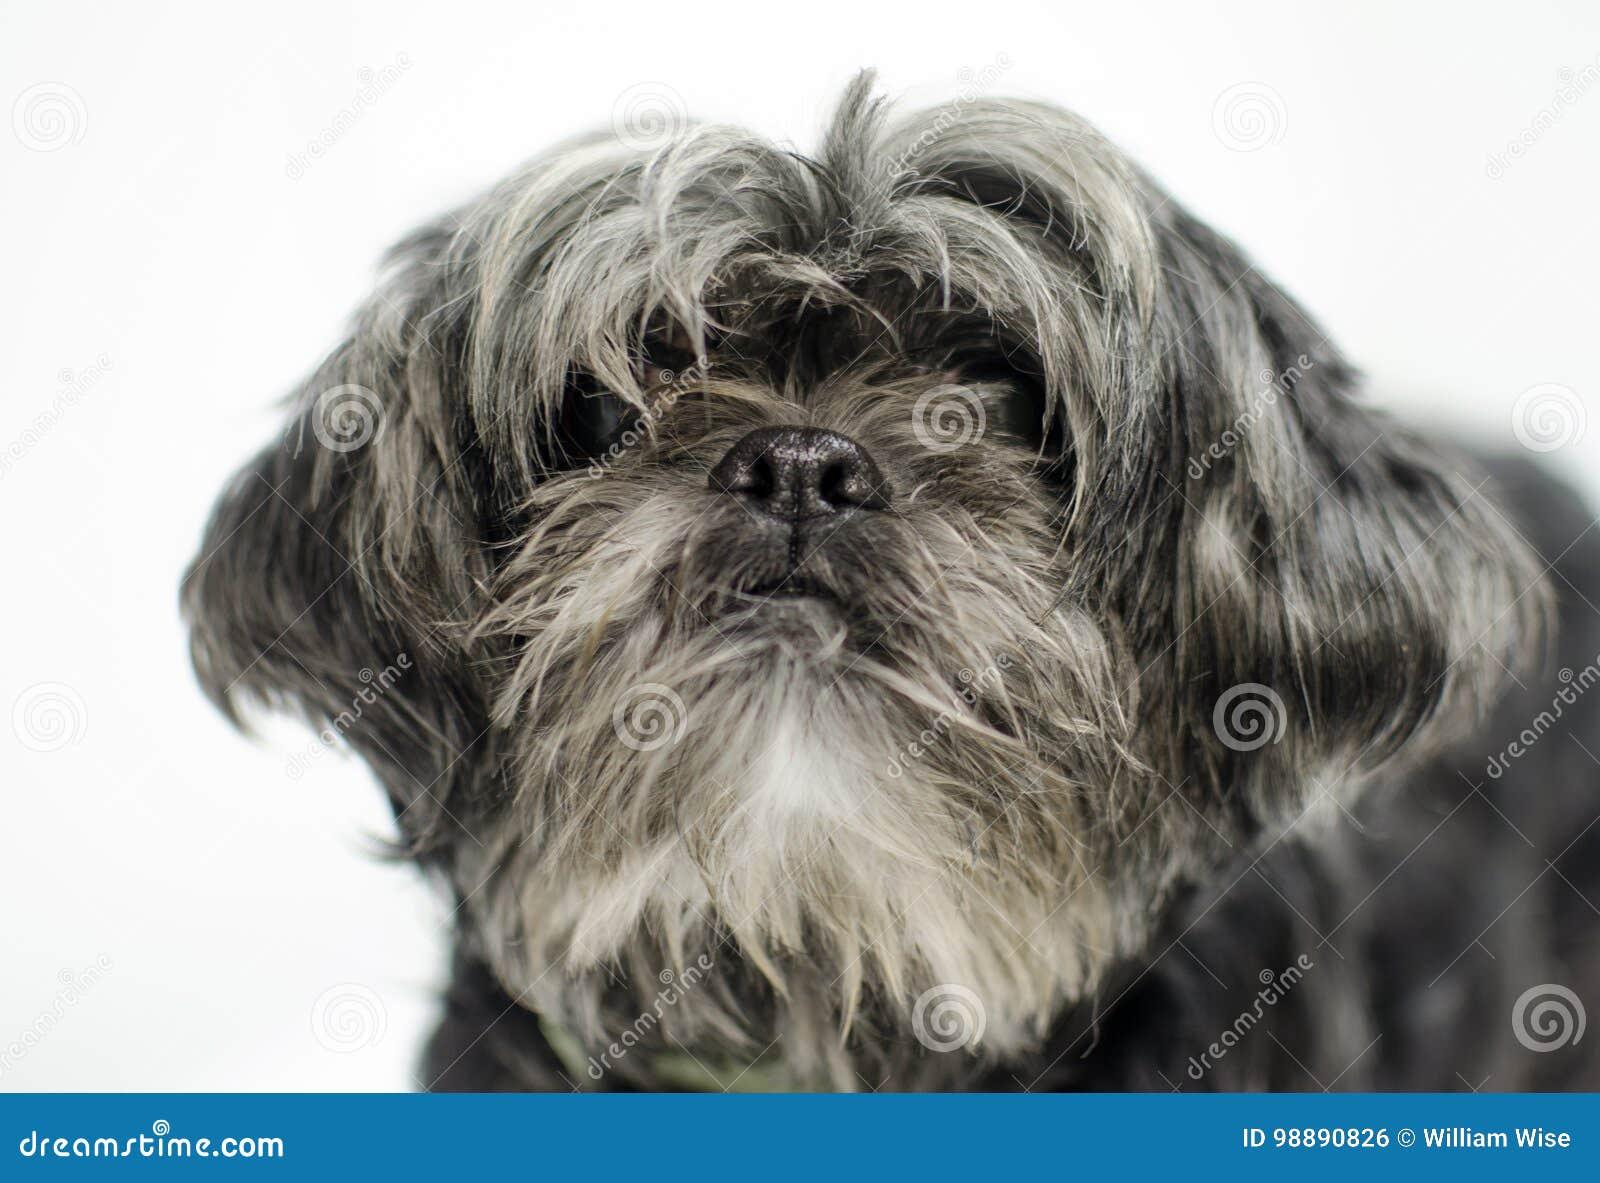 Shih Tzu Dog Stock Photo Image Of Monroe Cute Scruffy 98890826